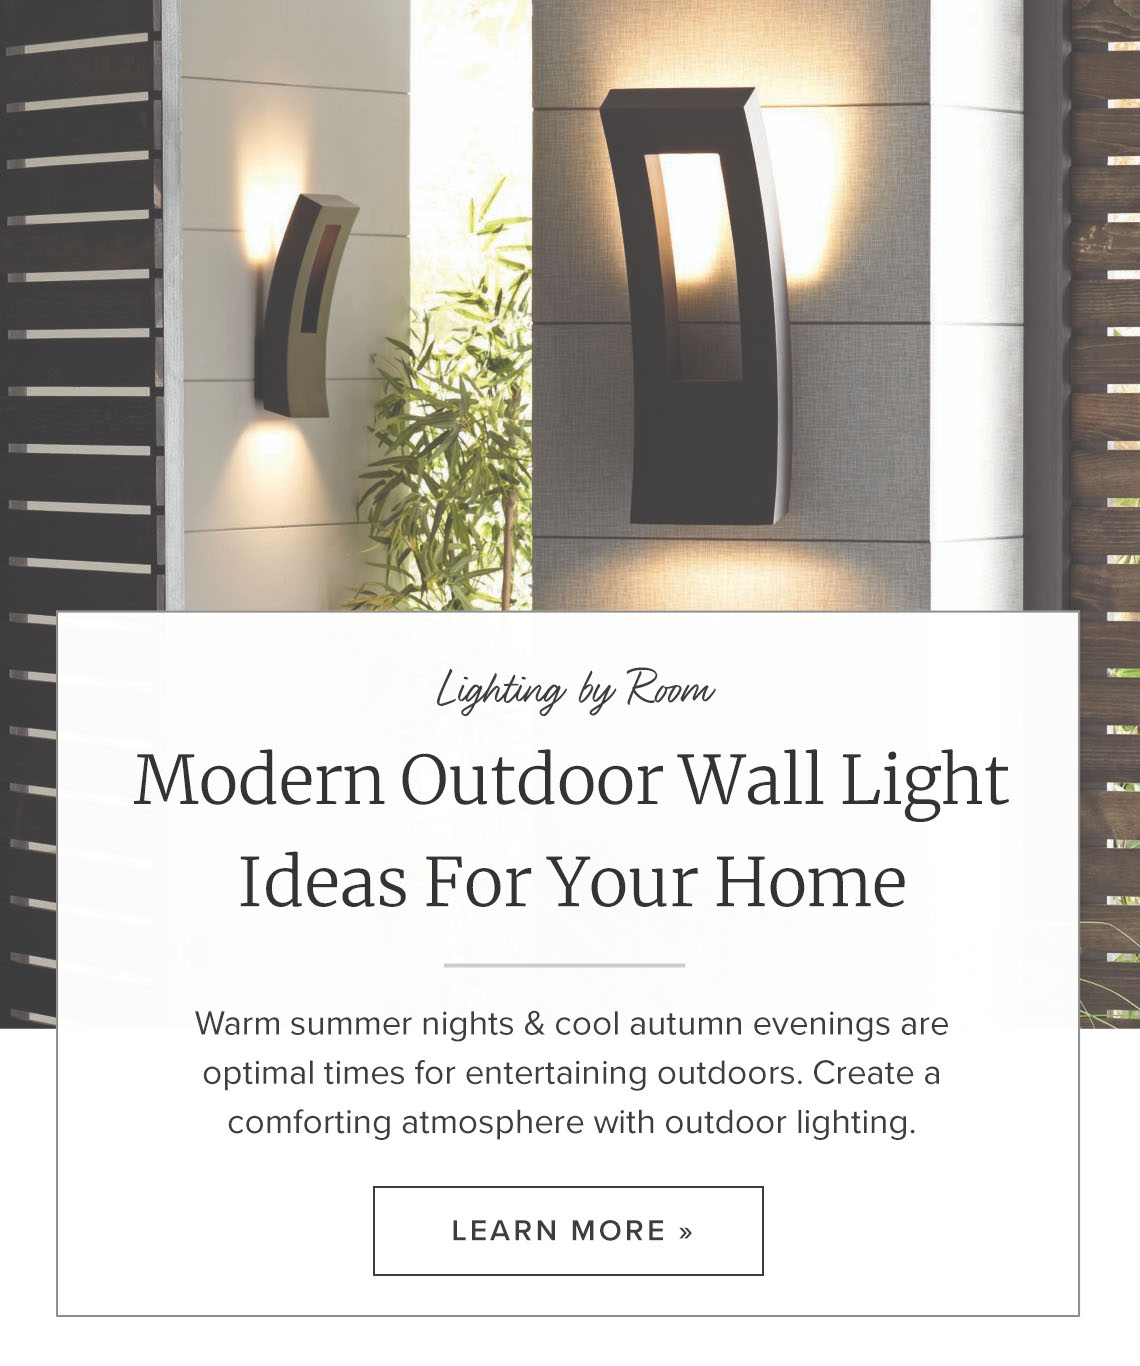 modern outdoor wall lighting ideas